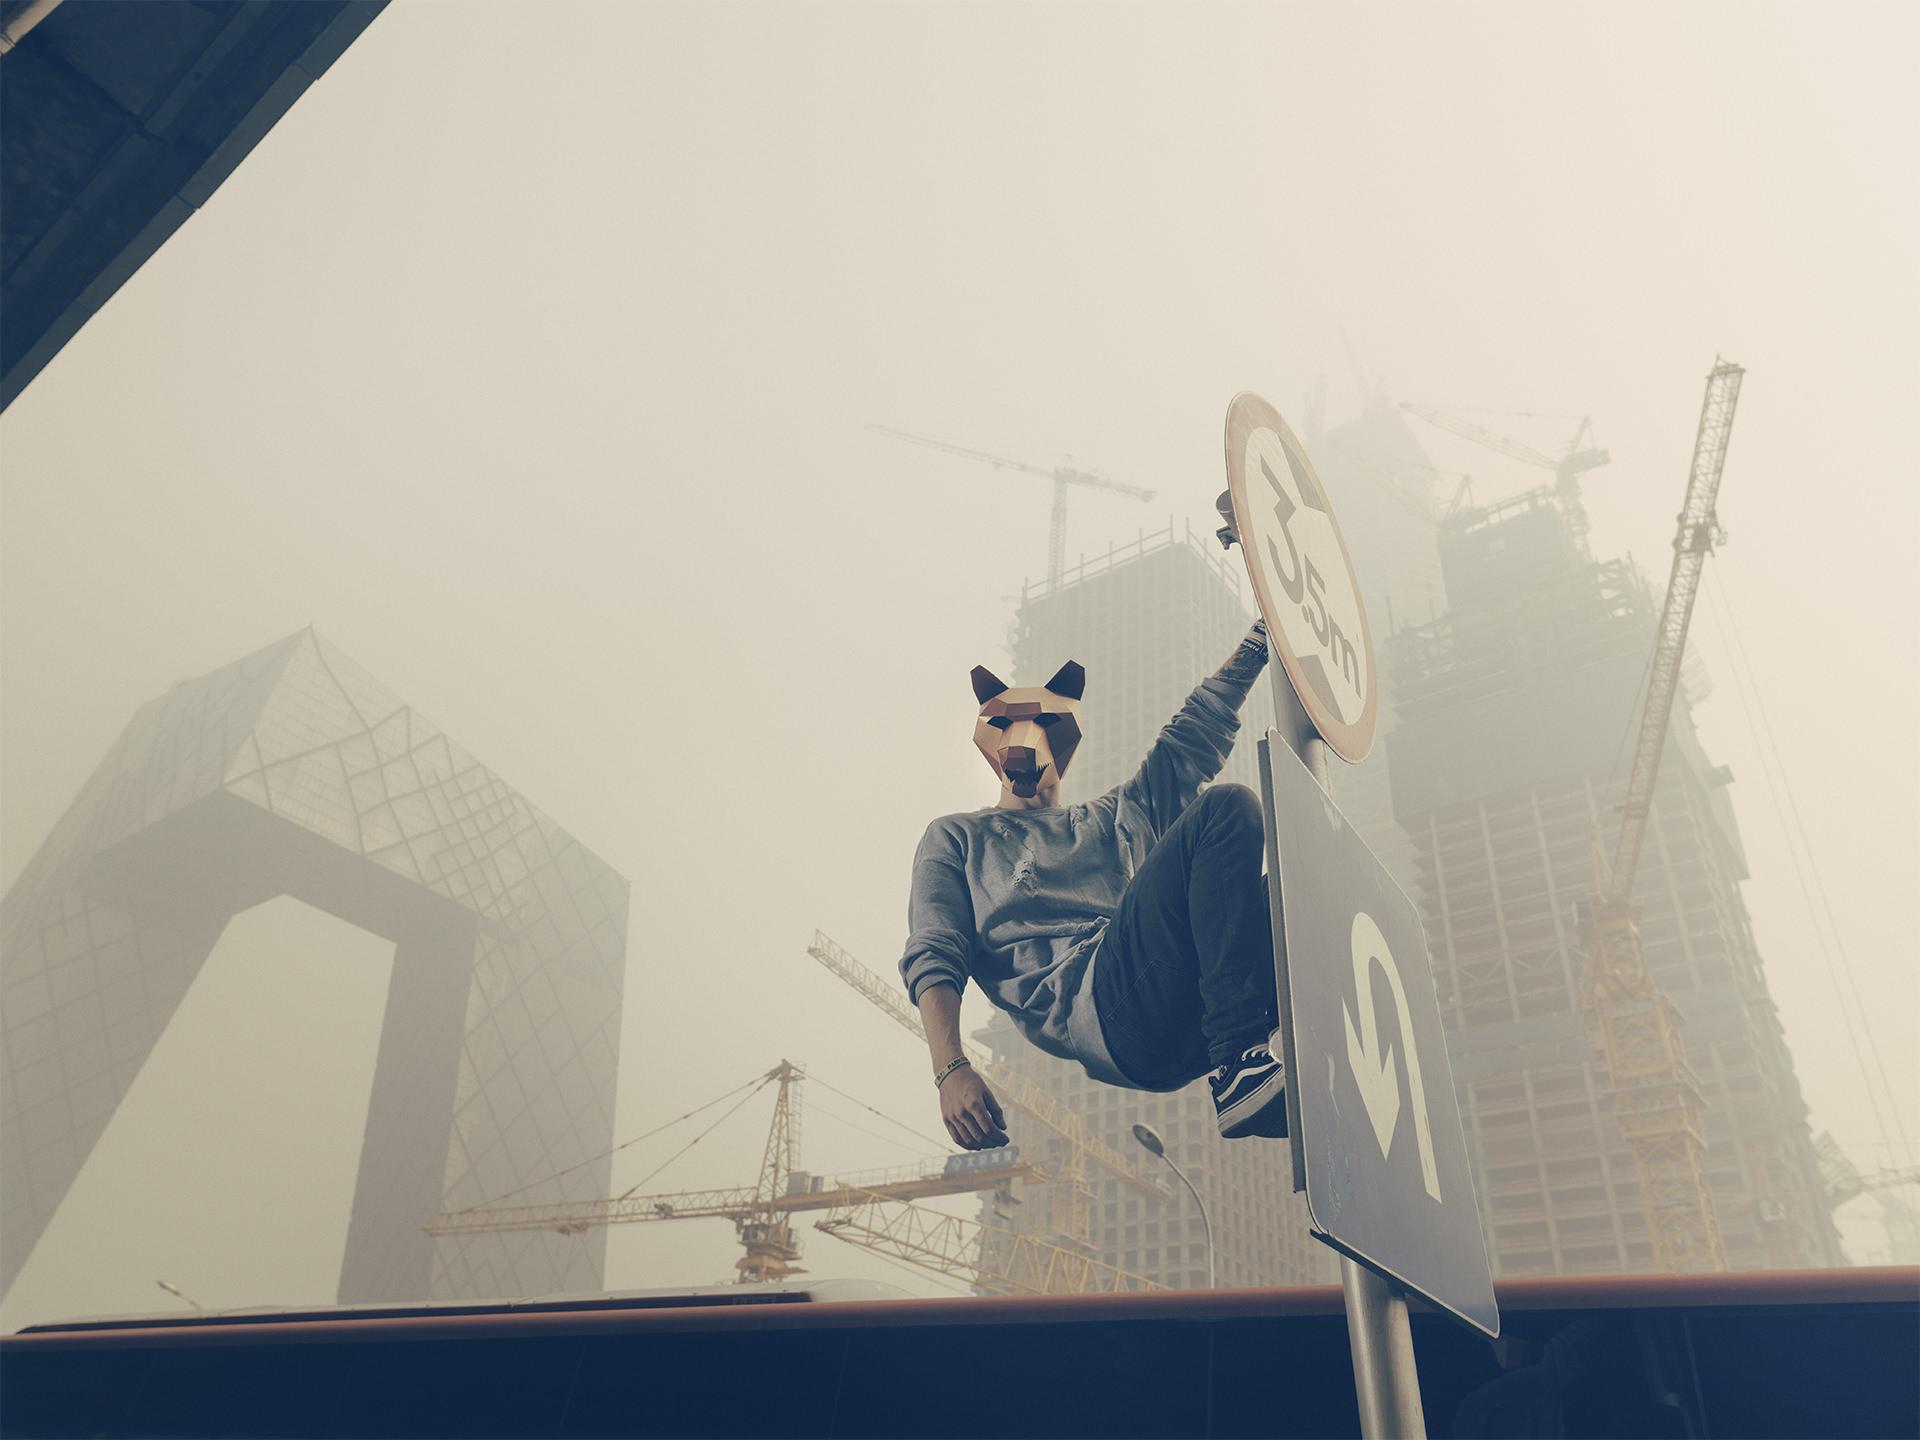 wintercroft, masken, beijing,china, www.ankeluckmann.com, parkour, peking, fine art, personal work, urban, goes awards, wolf